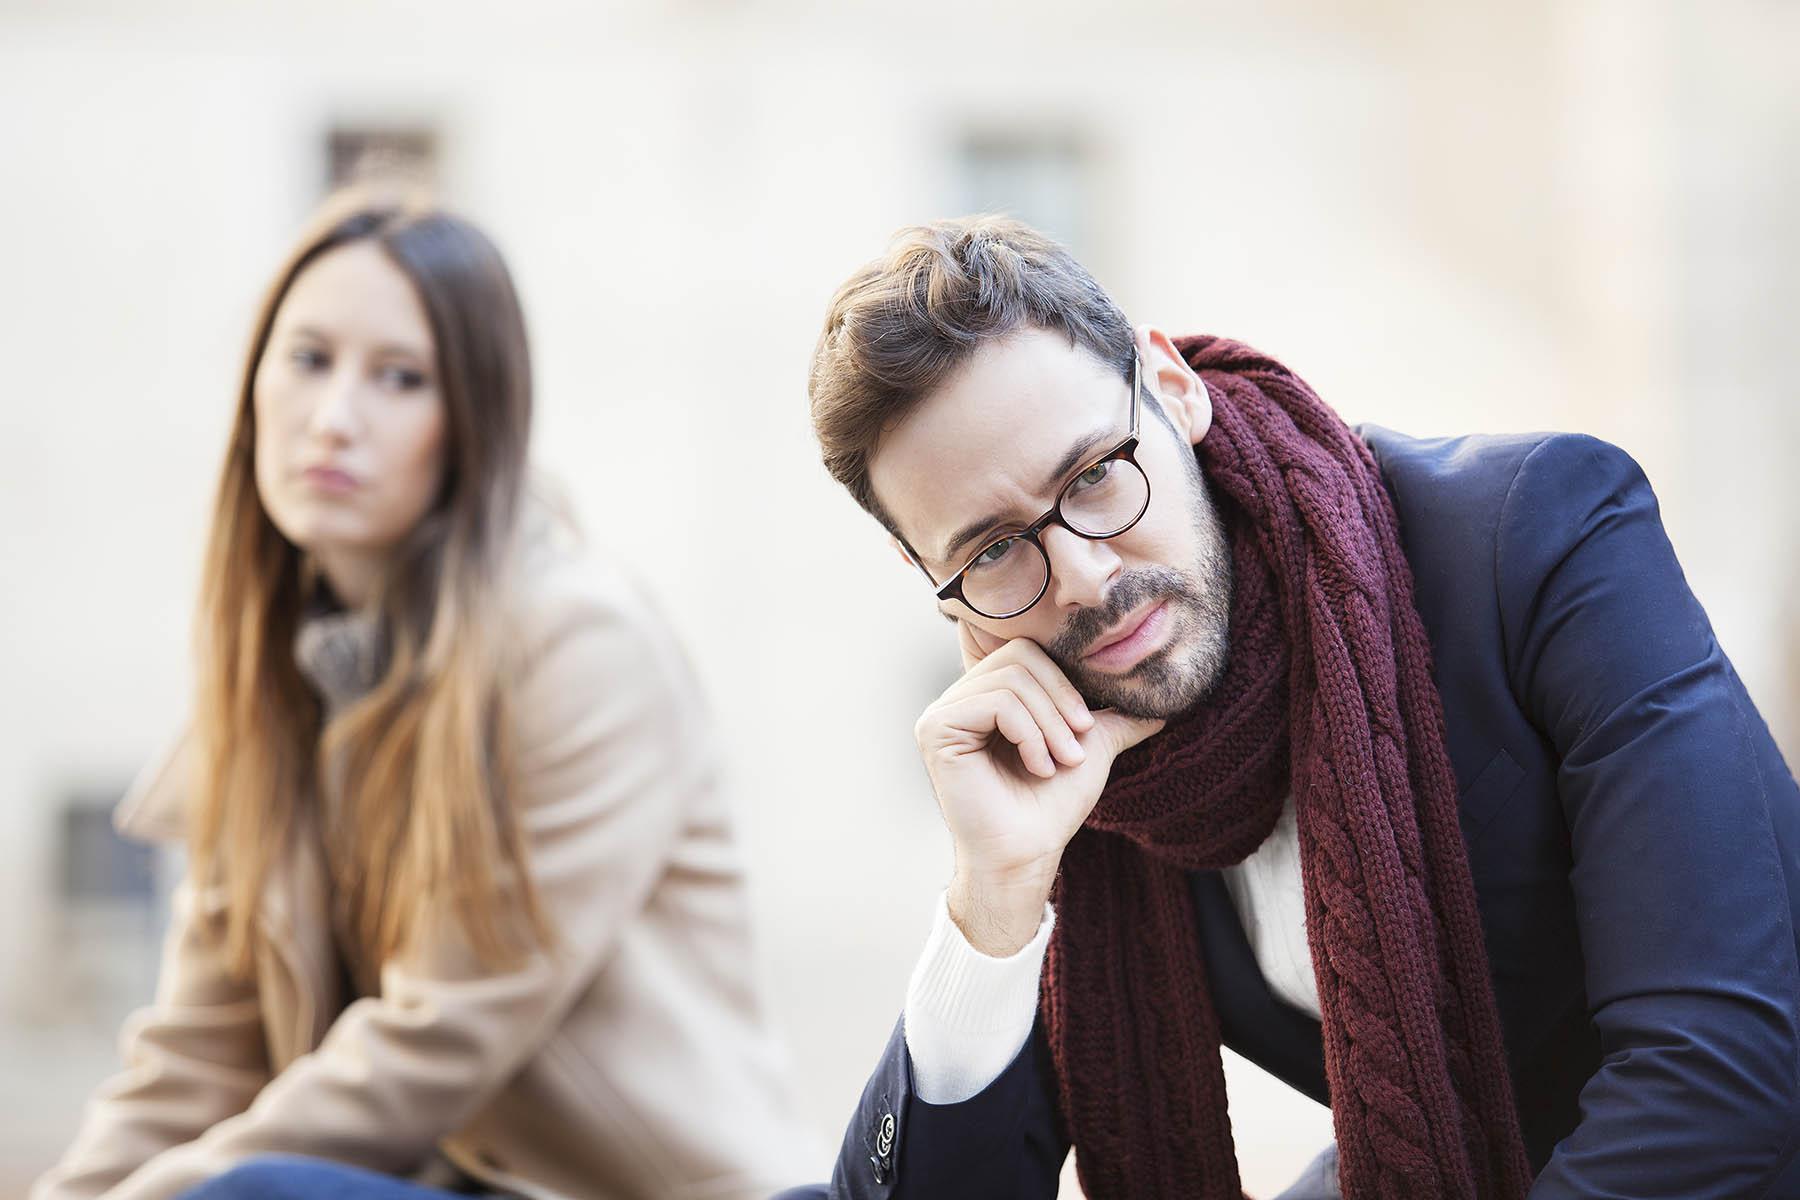 سردی روابط عاطفی در دوران نامزدی و راهکارها